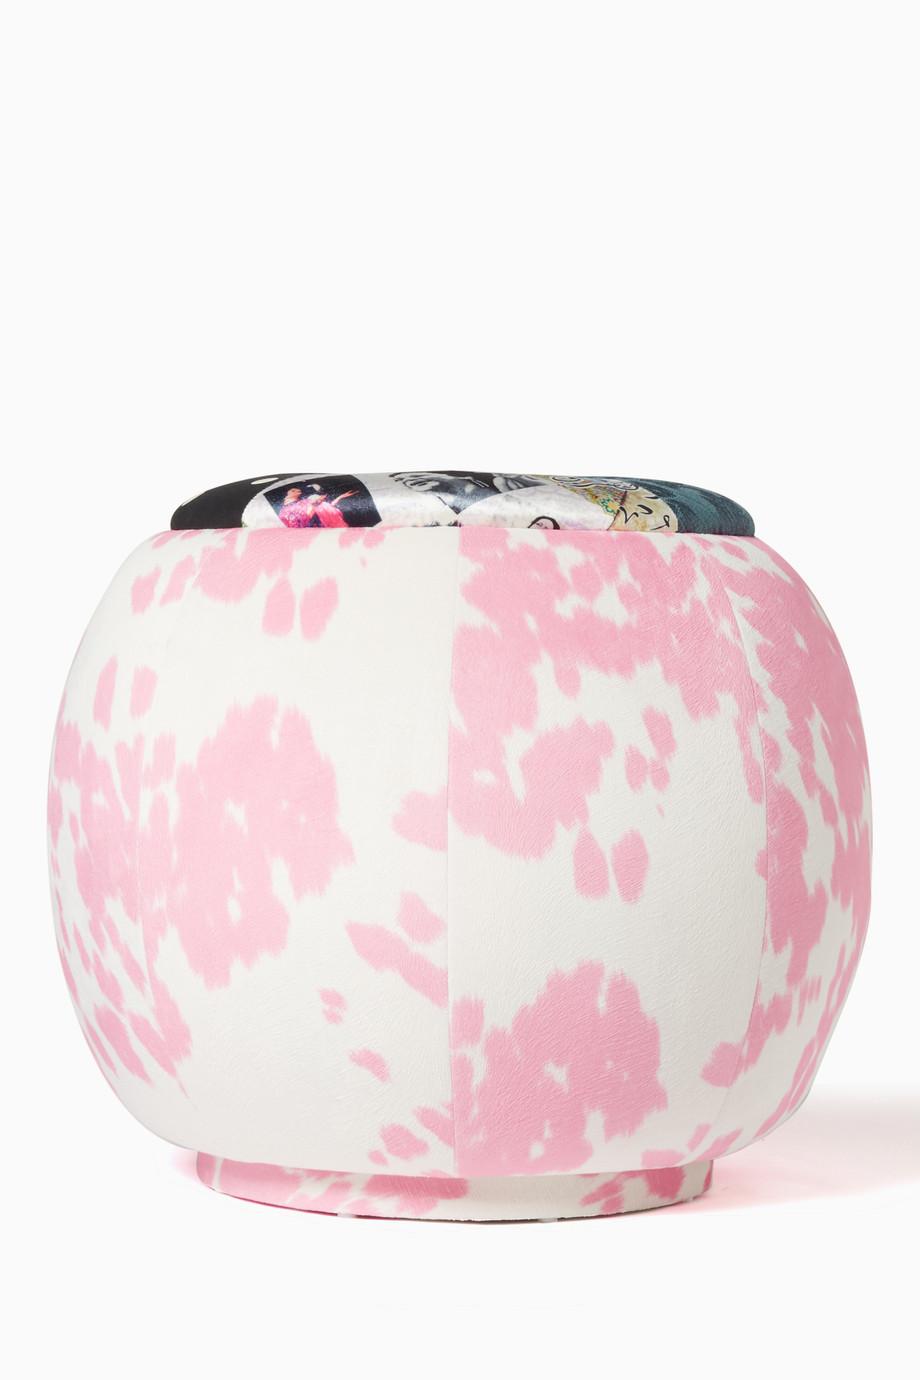 Fine Shop Mishmashi Multicolour Cow Print Tufted Patchwork Dailytribune Chair Design For Home Dailytribuneorg